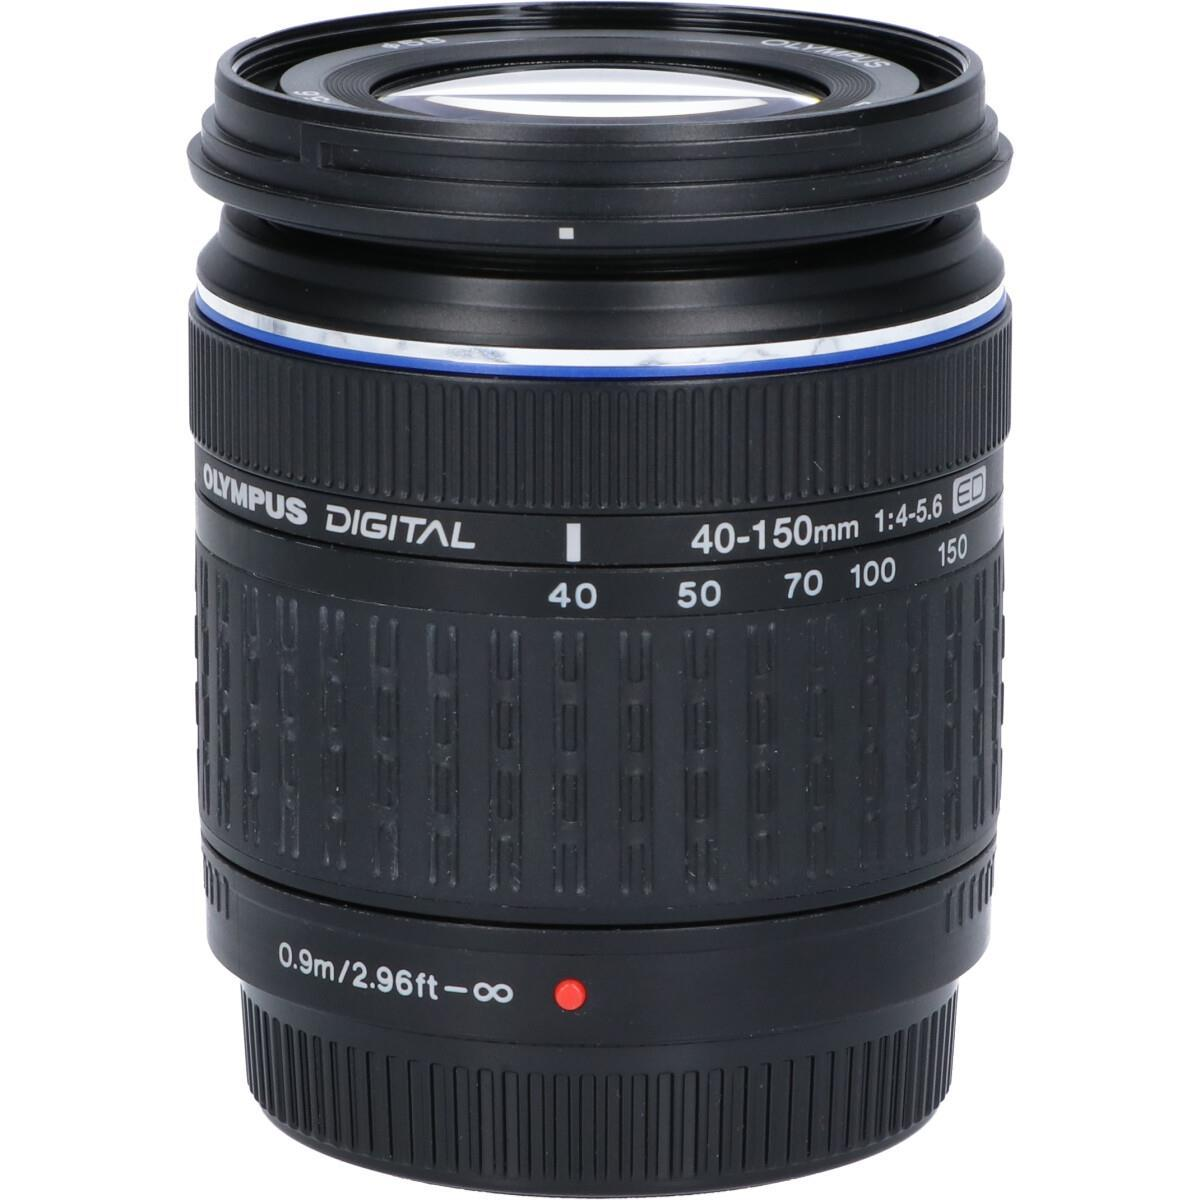 OLYMPUS ZD ED40-150mm F4-5.6